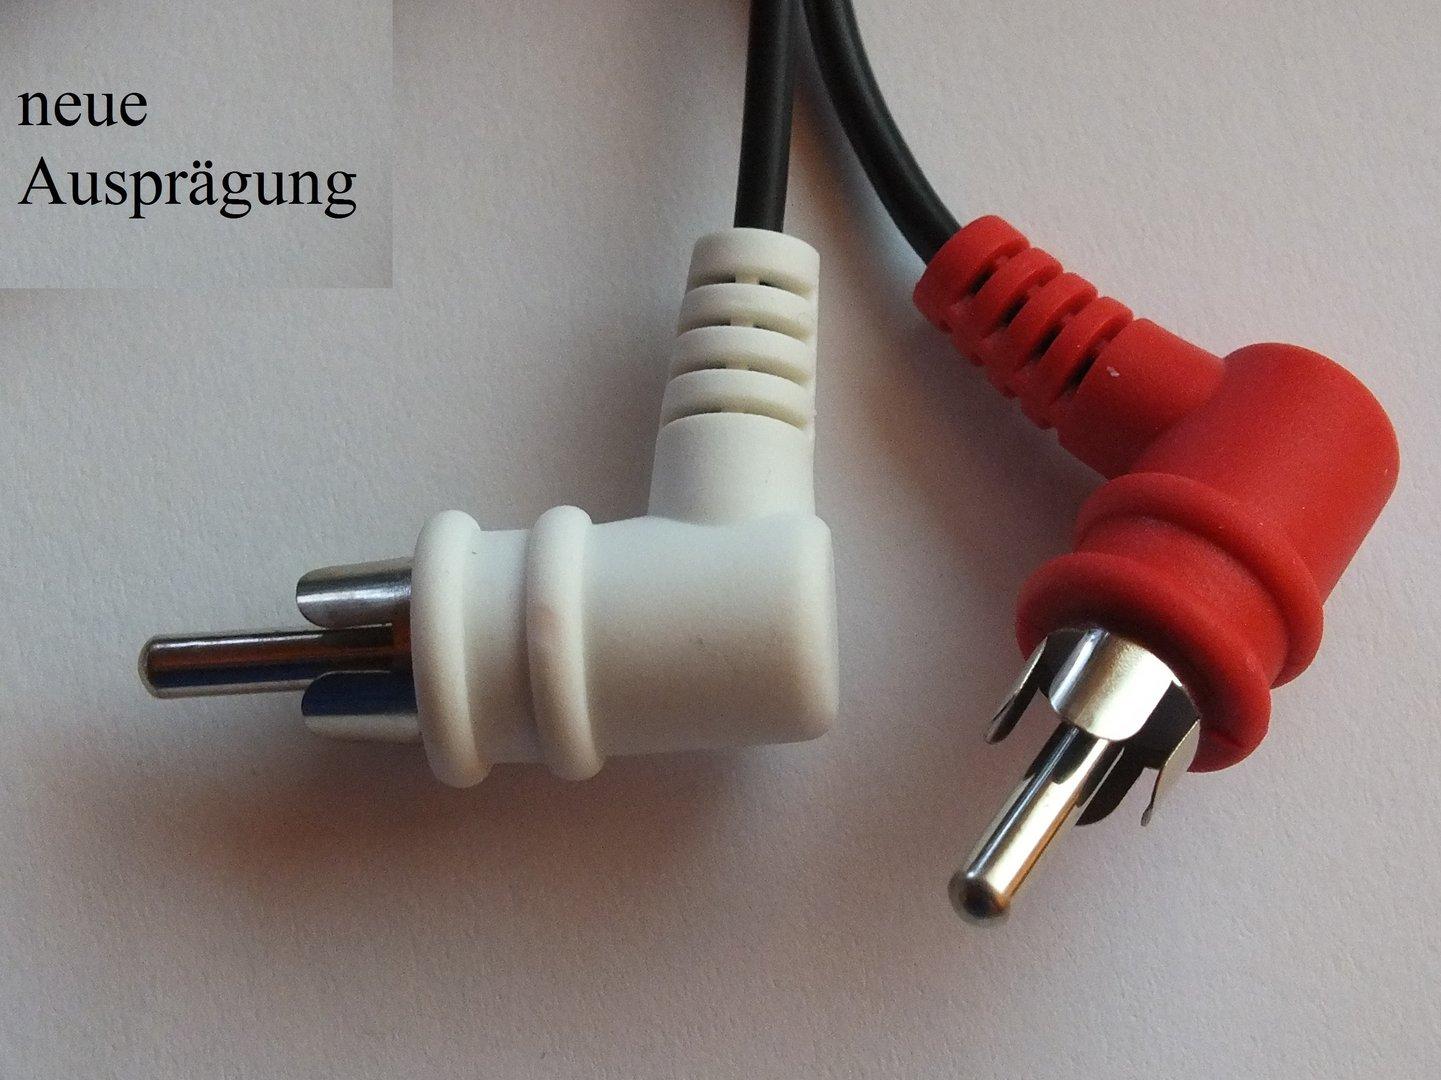 Cinch Verbindungskabel - Willkommen bei adapterwelt.net